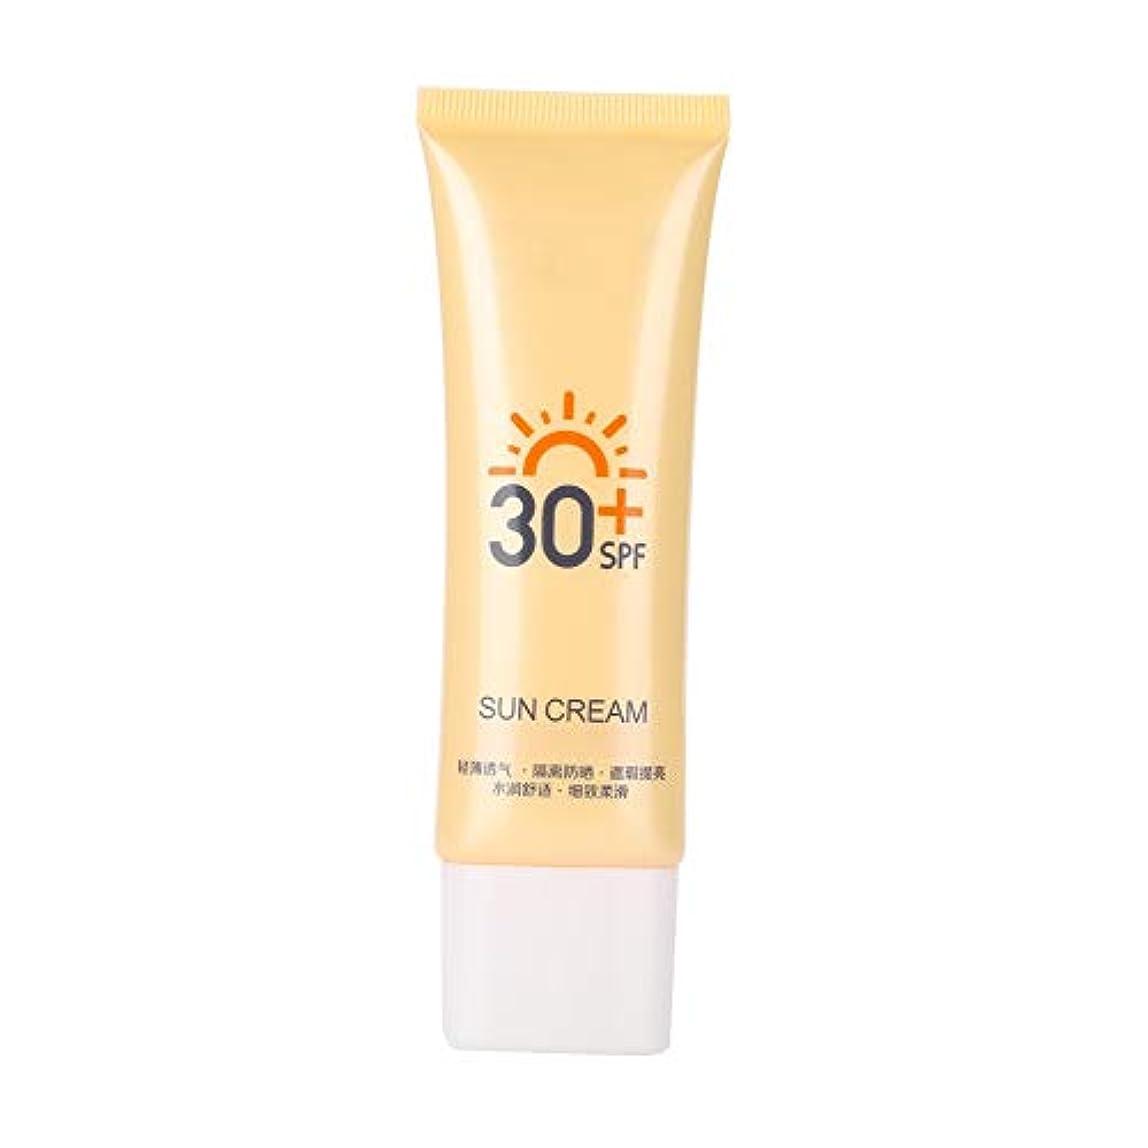 不倫冗談で遮る日焼け止め、日焼け止め、日焼け止めを白くする、保湿日焼け止めをする、さわやかで潤いを与える保湿日焼け止めを塗る、撥水および汗止め、分離40g